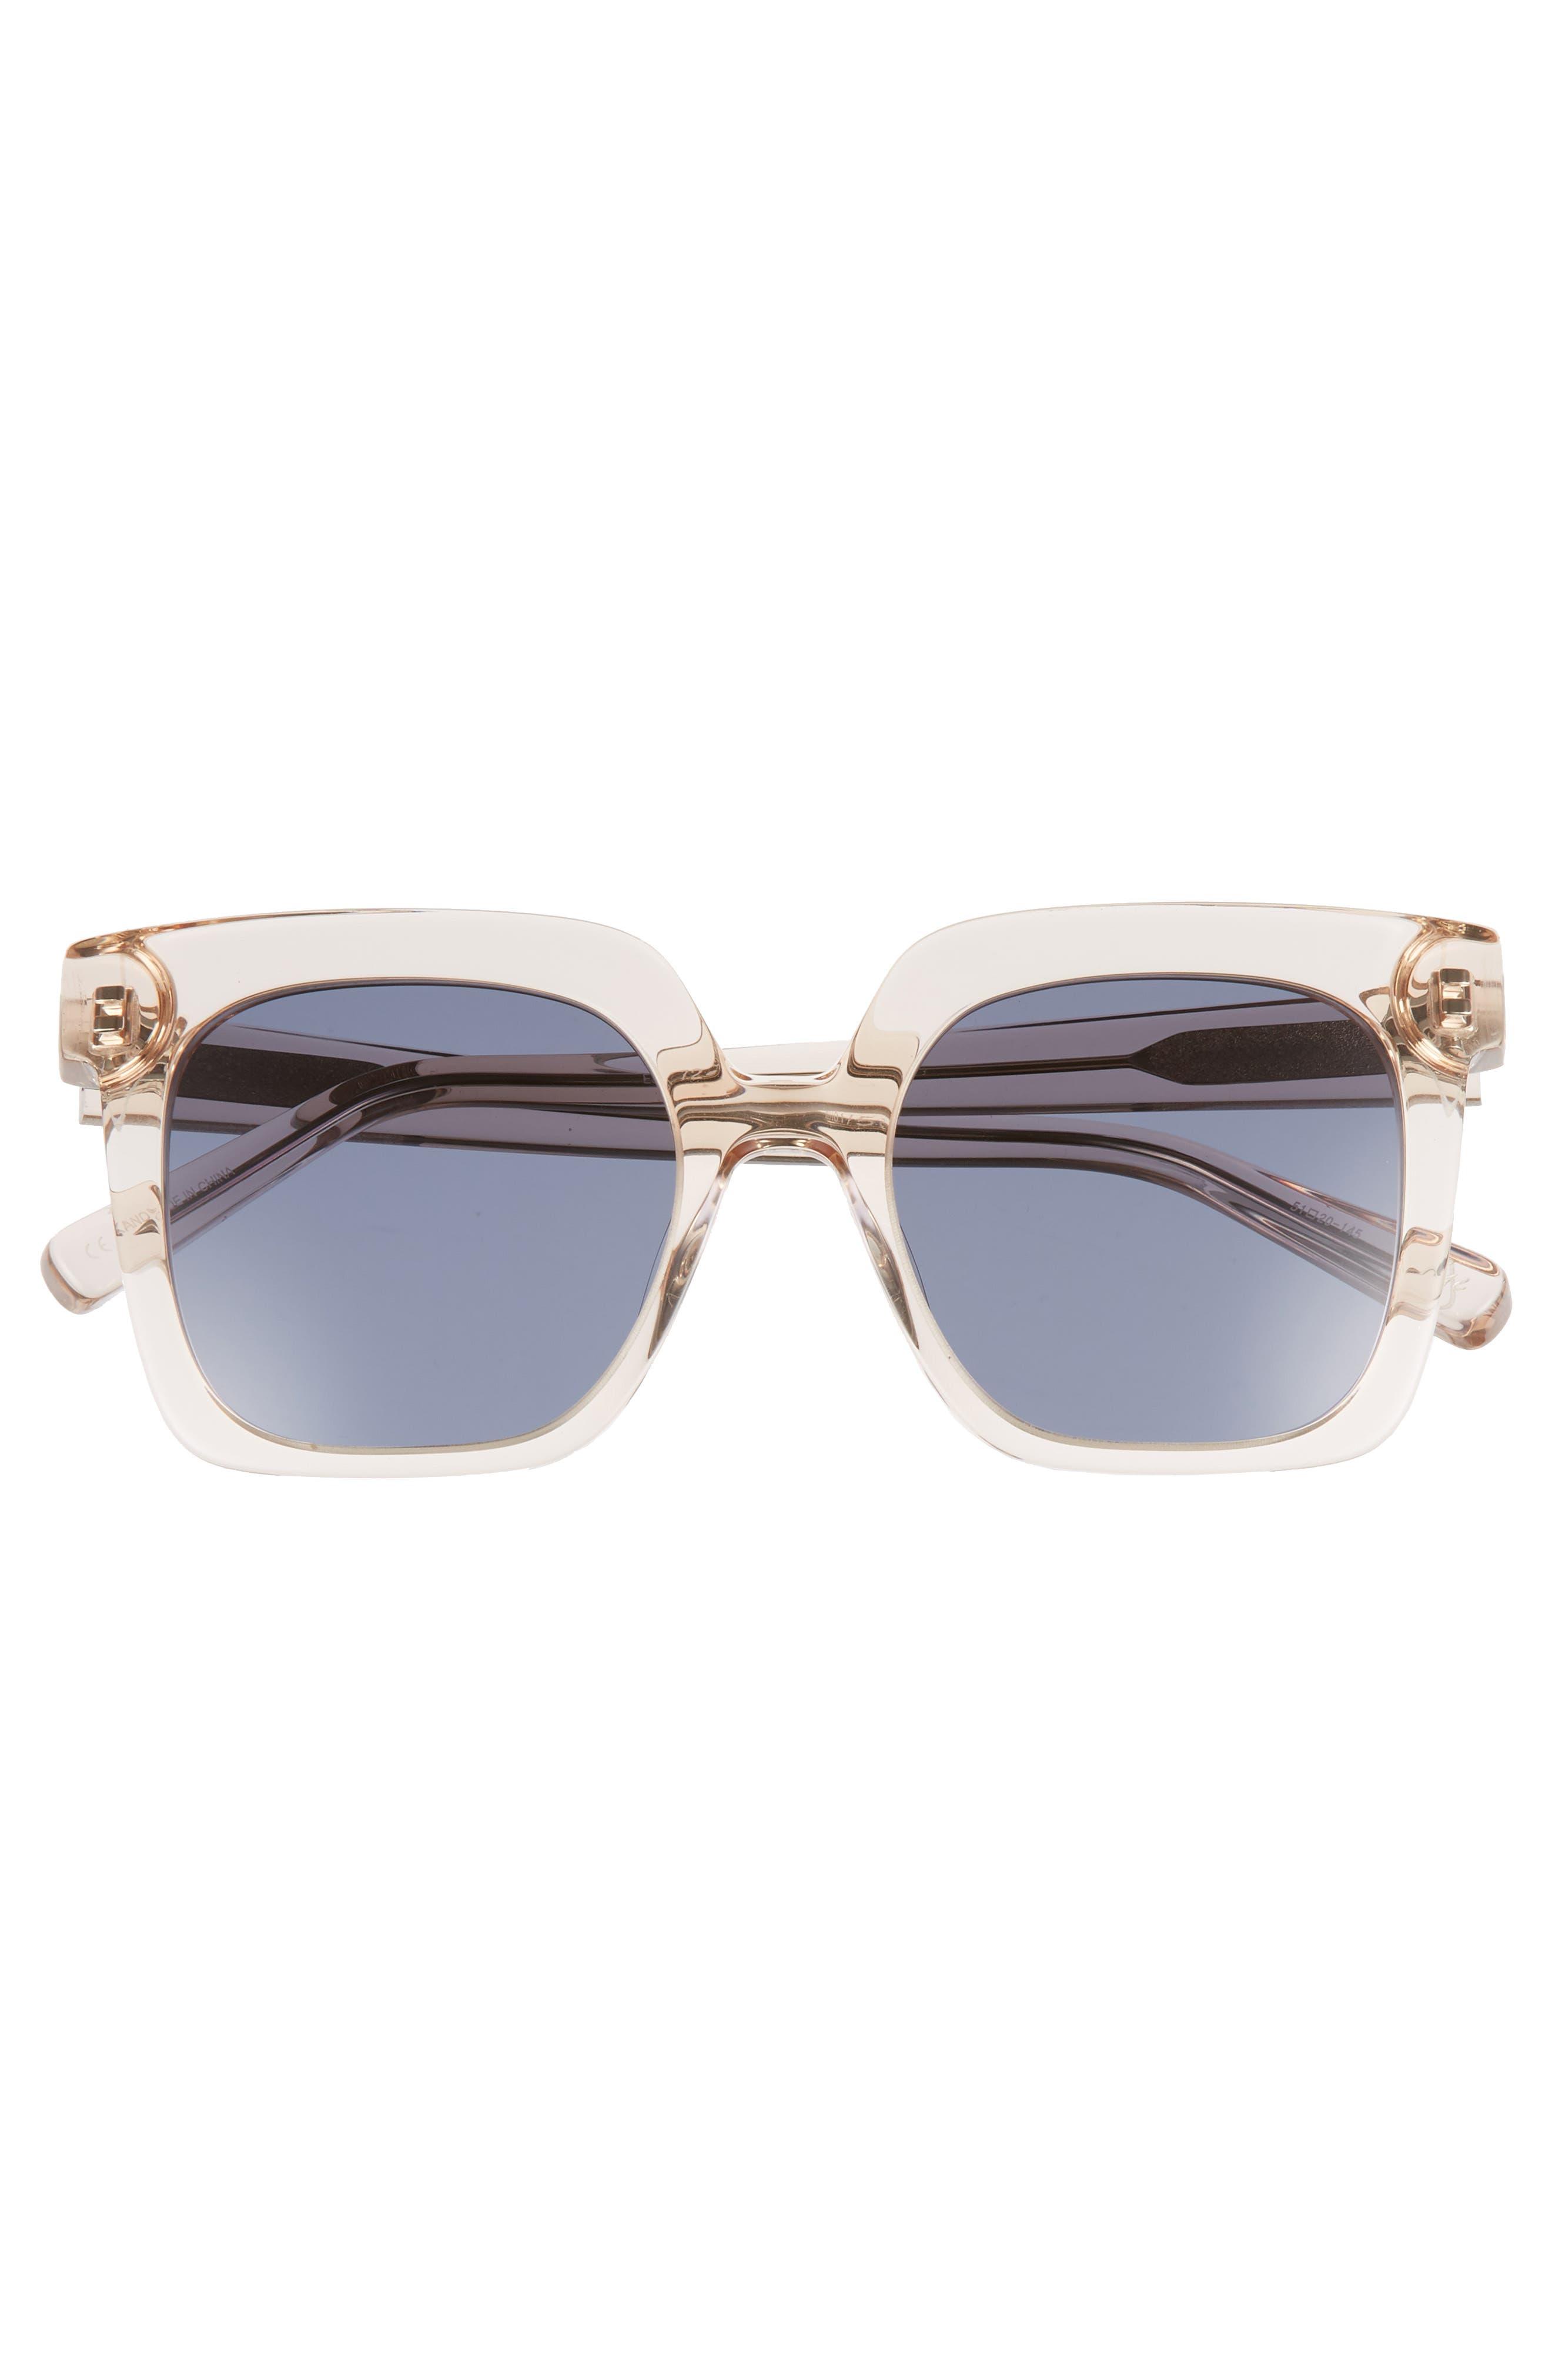 Rae 51mm Square Sunglasses,                             Alternate thumbnail 8, color,